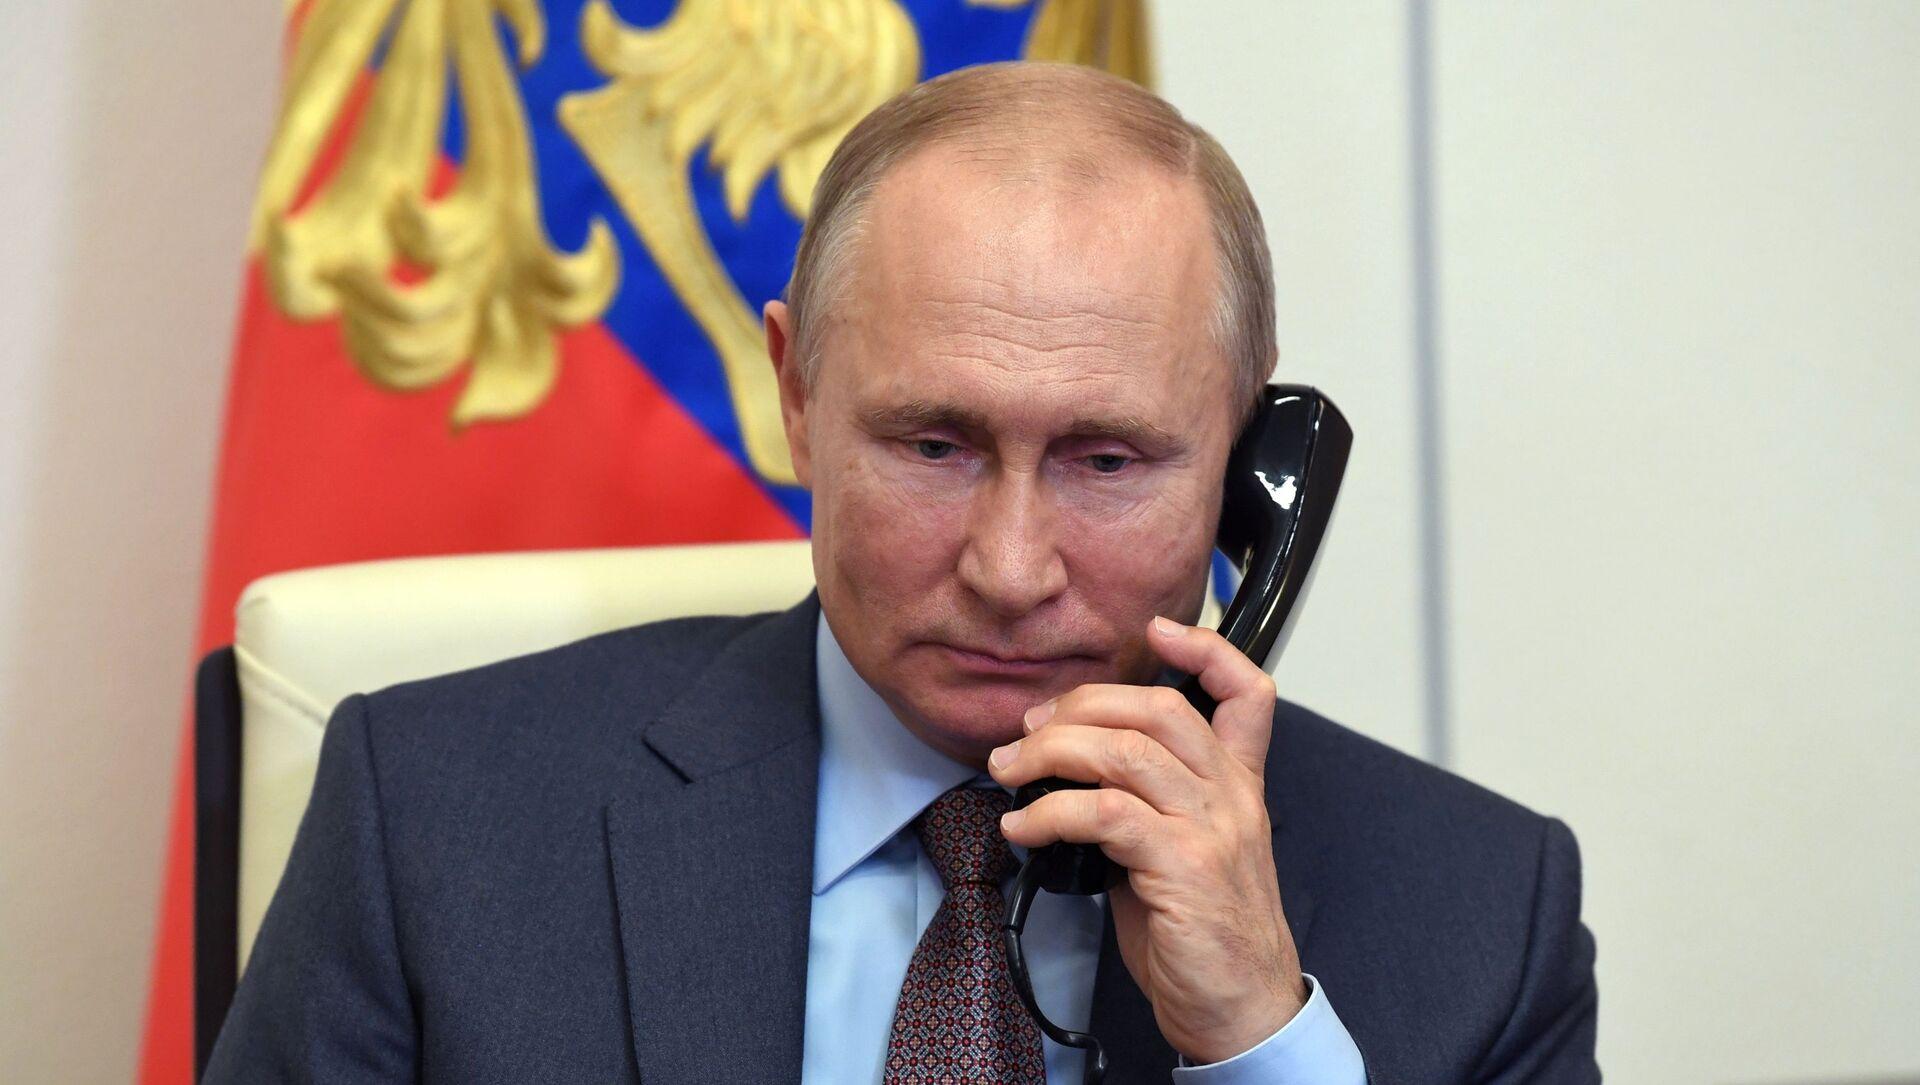 Tổng thống Nga Putin và Tổng thống Belarus Lukashenko đã tiến hành điện đàm - Sputnik Việt Nam, 1920, 05.04.2021